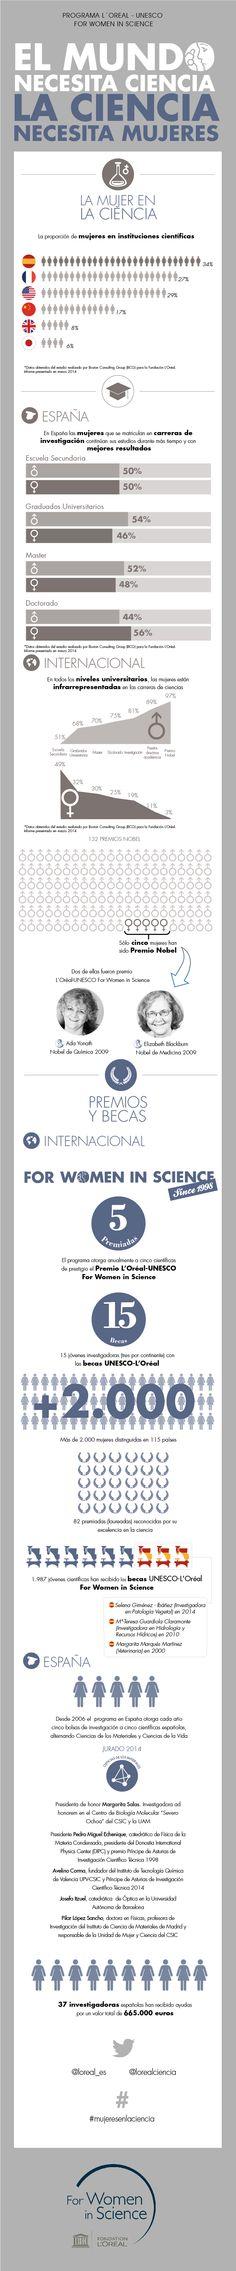 Infografía sobre la situación de las científicas españolas y el programa L'Oréal-UNESCO For Women in Science #mujeresenlaciencia